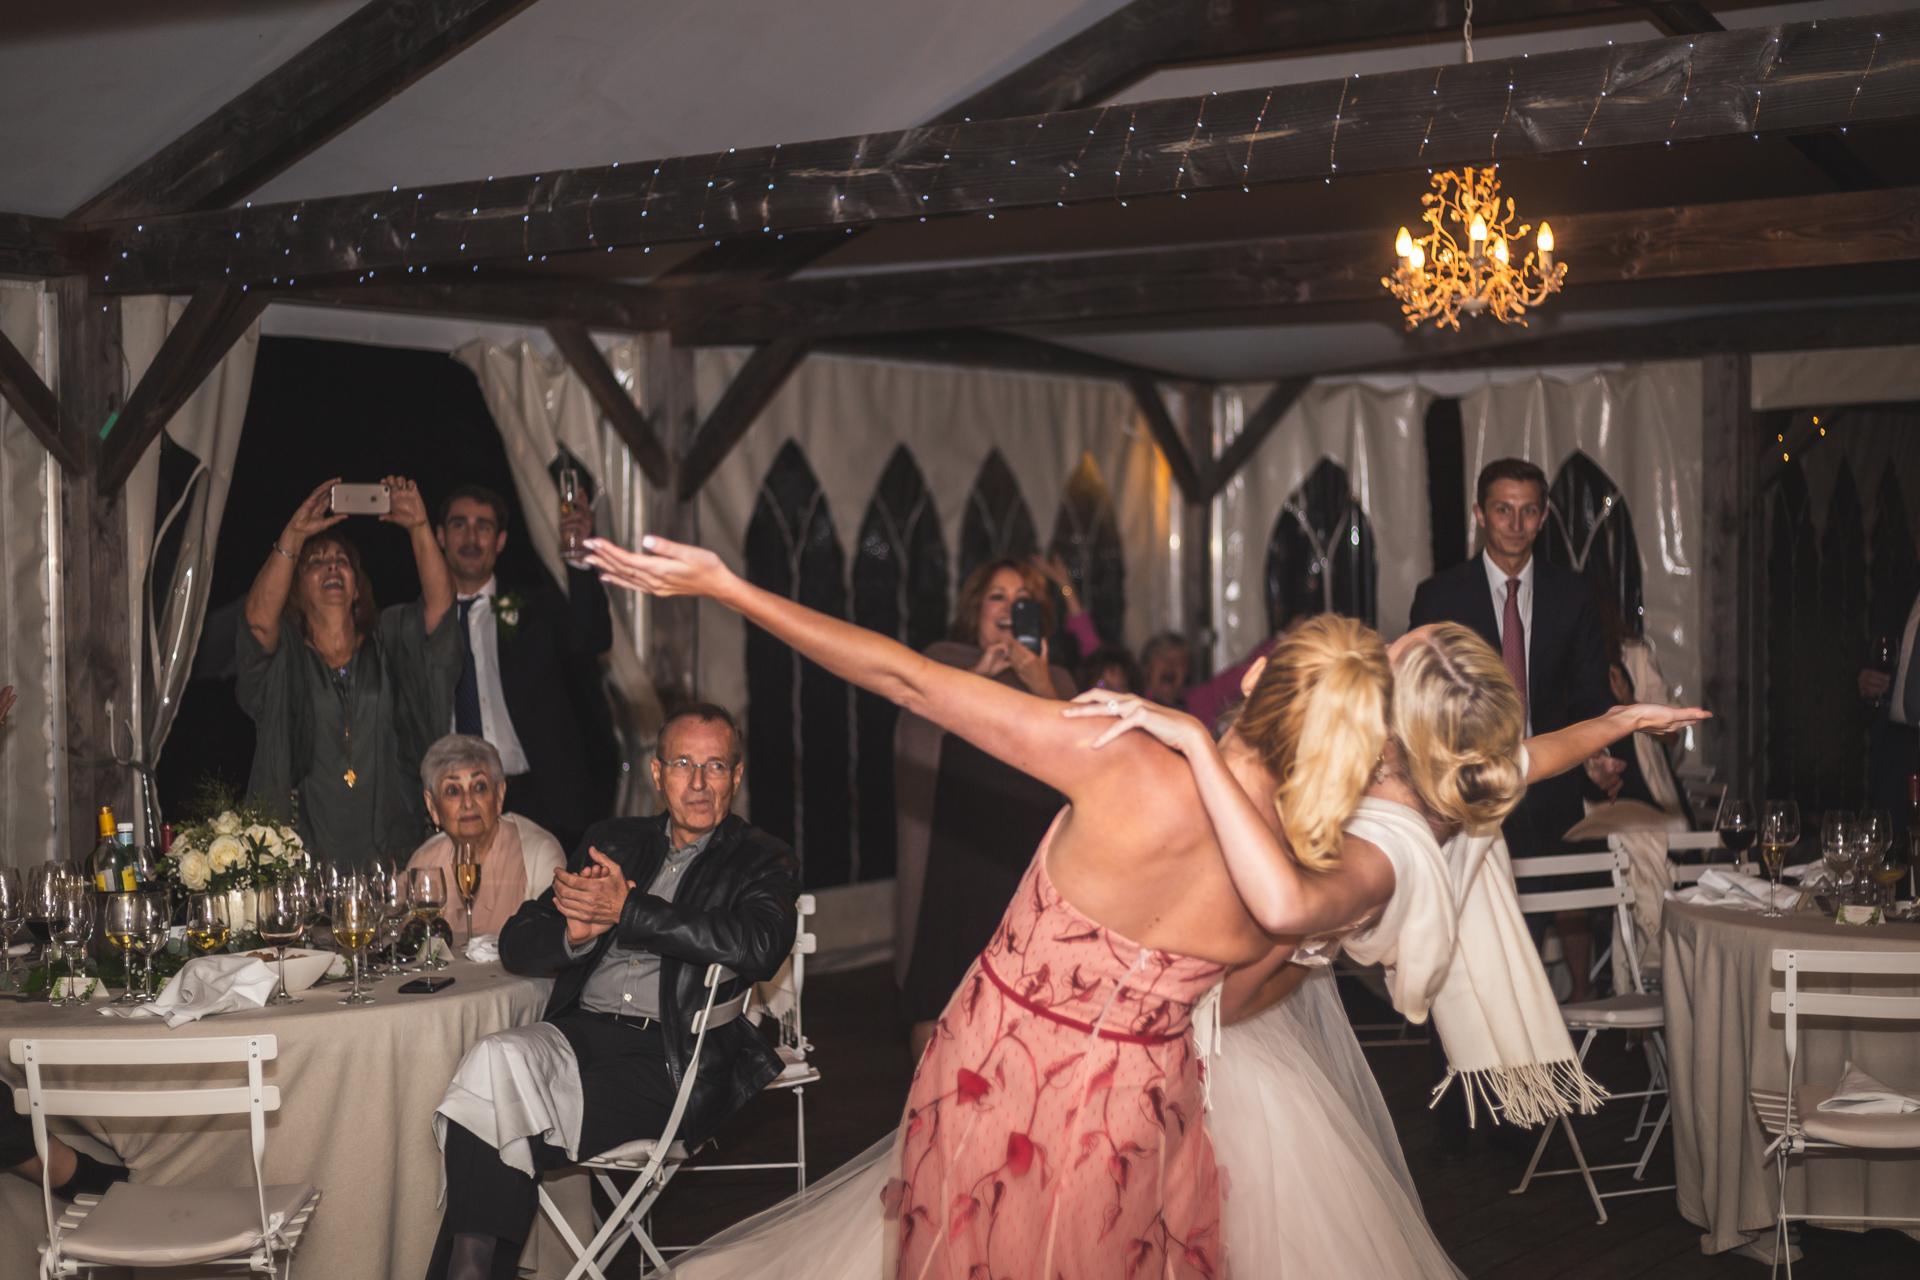 Photographe de mariage Tarn - Sud de la France | La mariée et sa sœur ont profité d'une danse insouciante ensemble